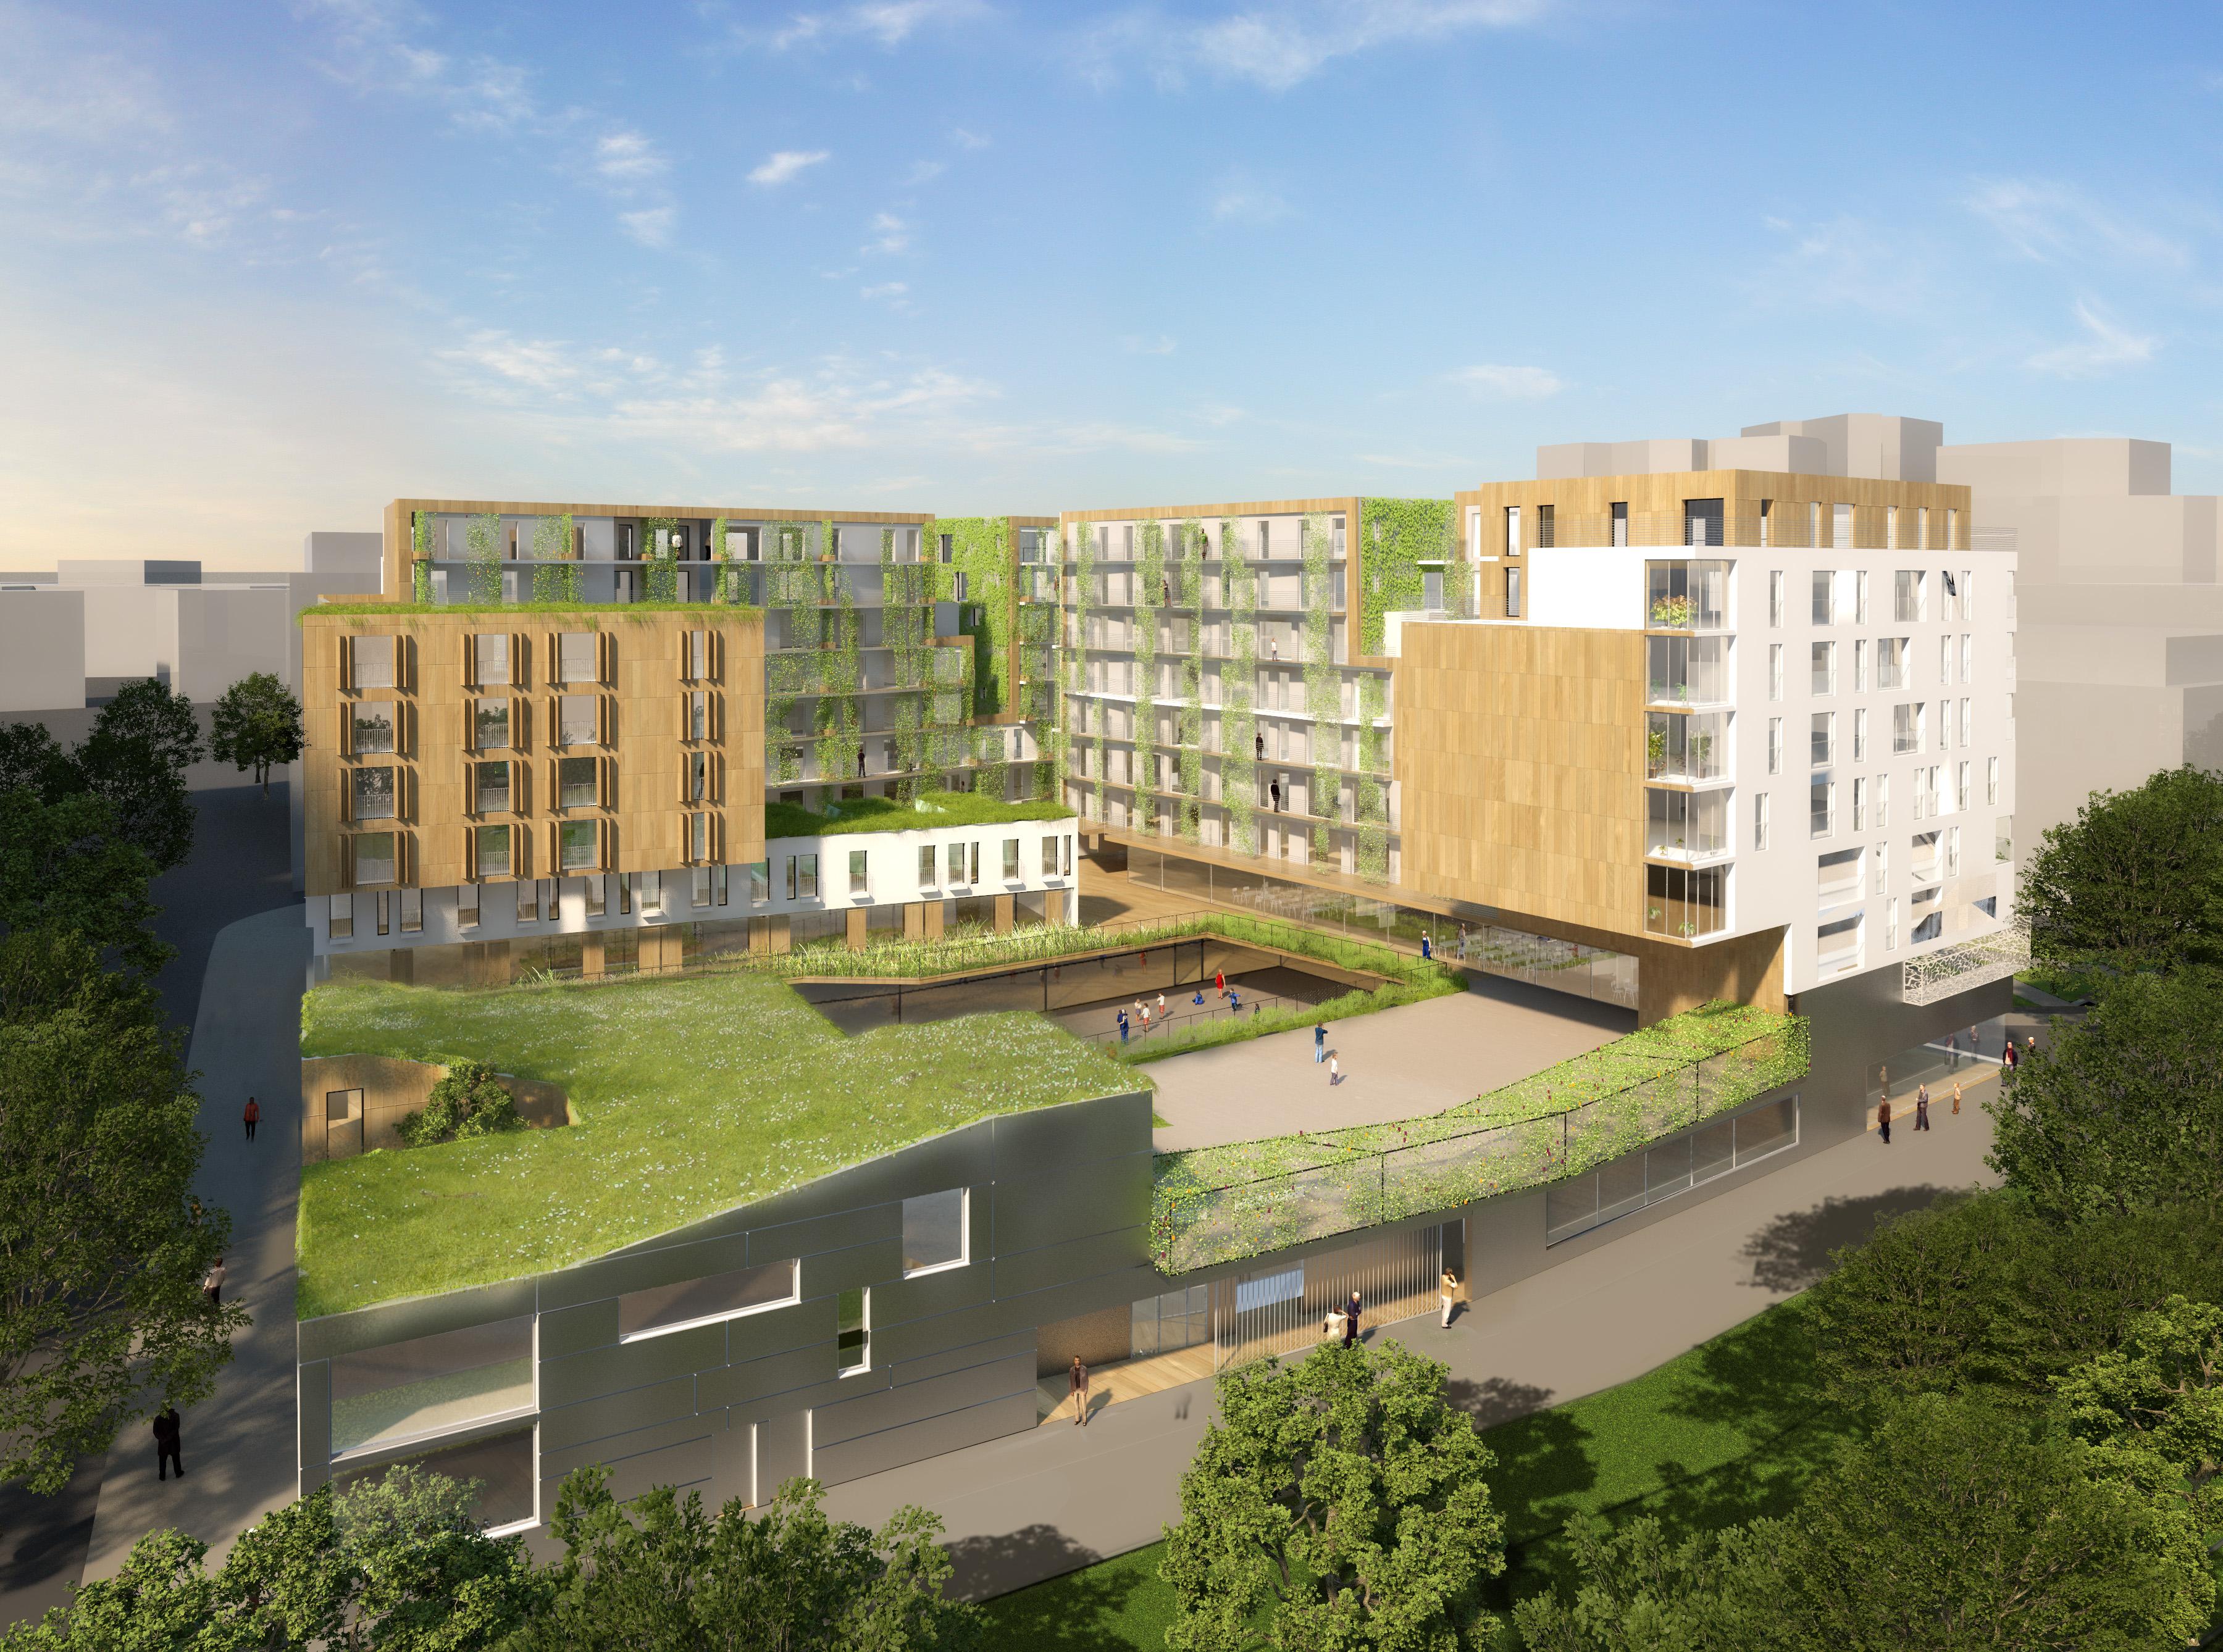 ISSY-LES-MOULINEAUX (92) - ZAC Bords de Seine - Ilot C - Groupe scolaire – 169 logements – Commerces – Parkings